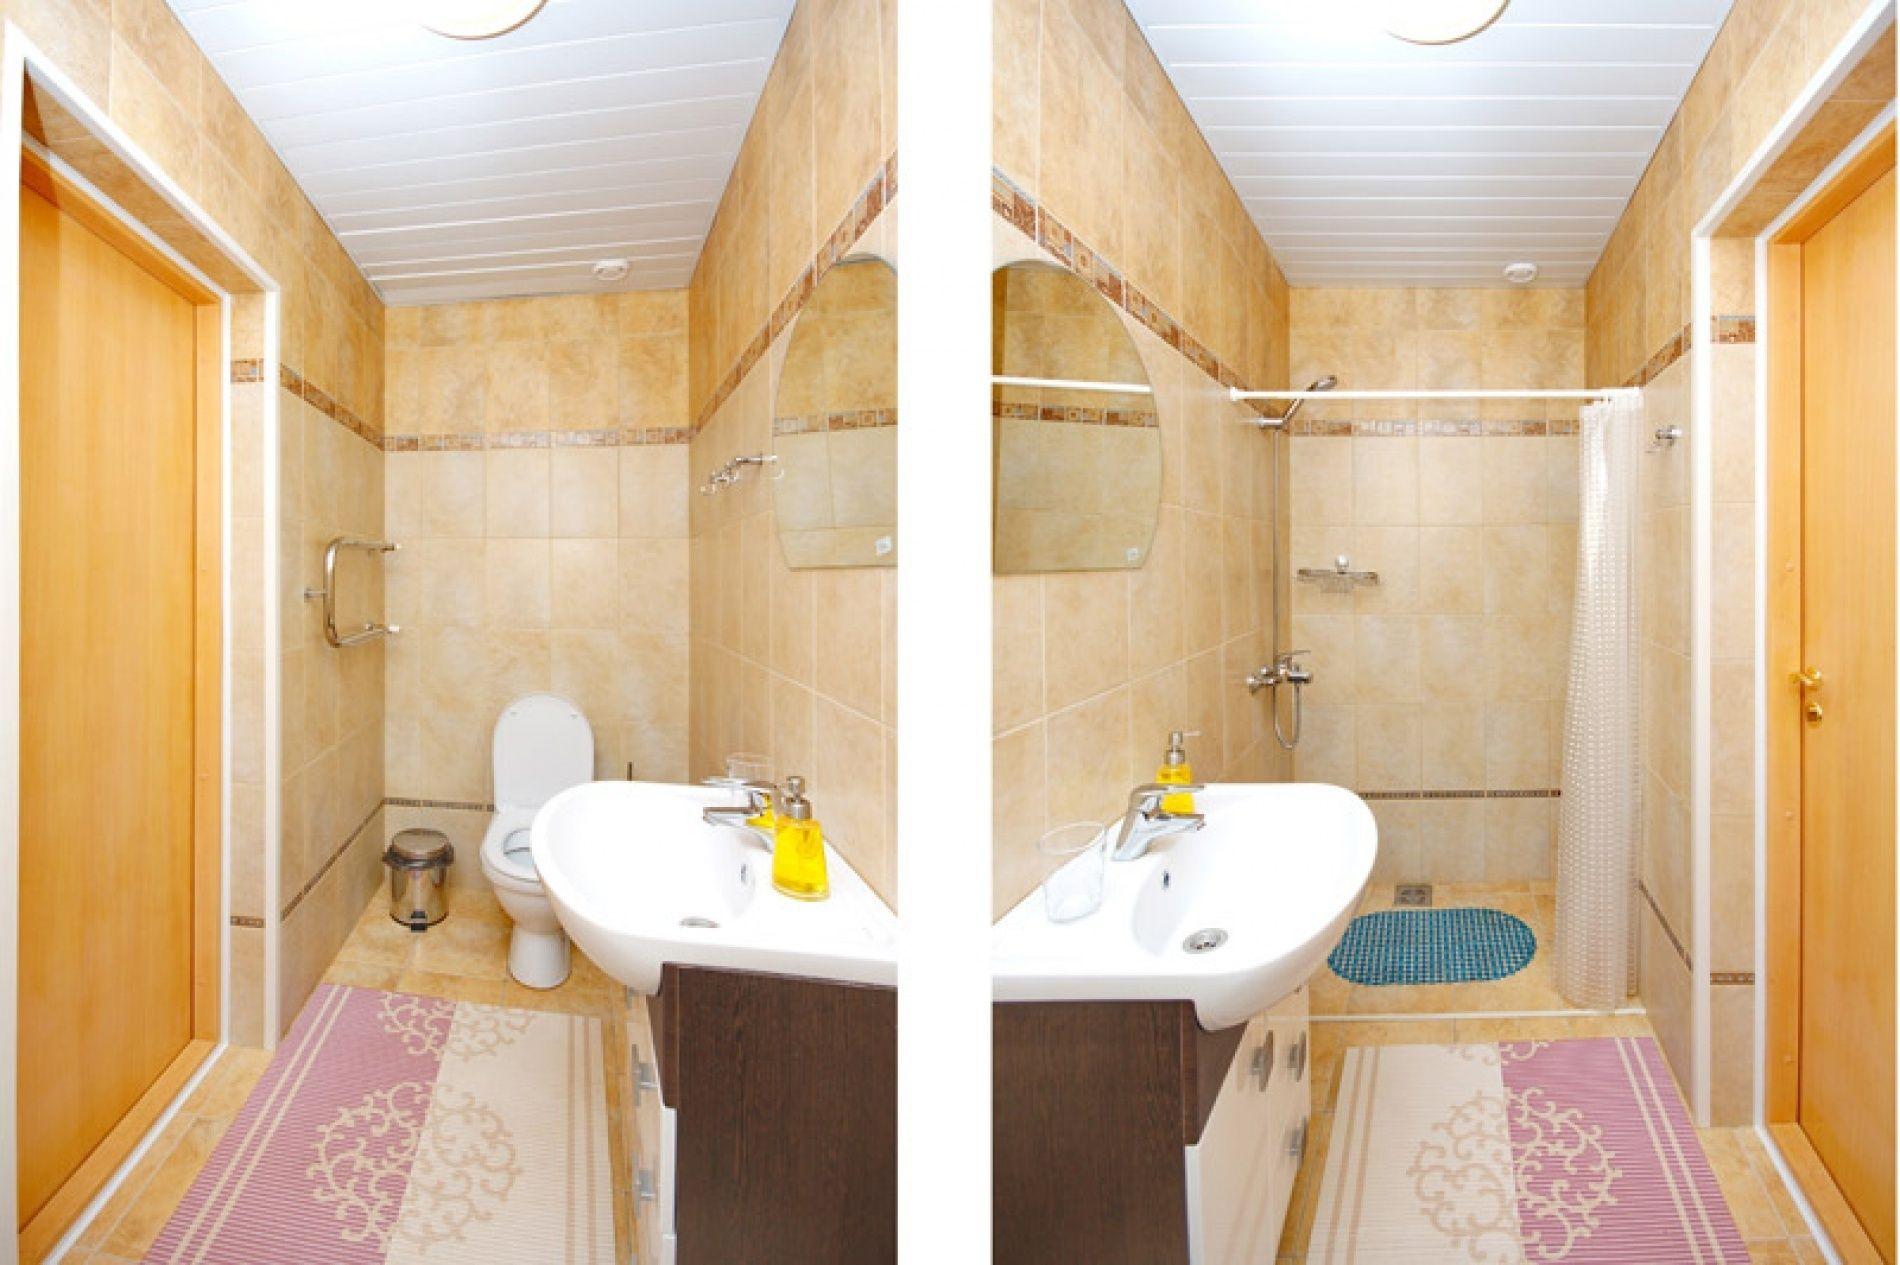 База отдыха «Уютная» Ульяновская область Номер 2-х местный, фото 5